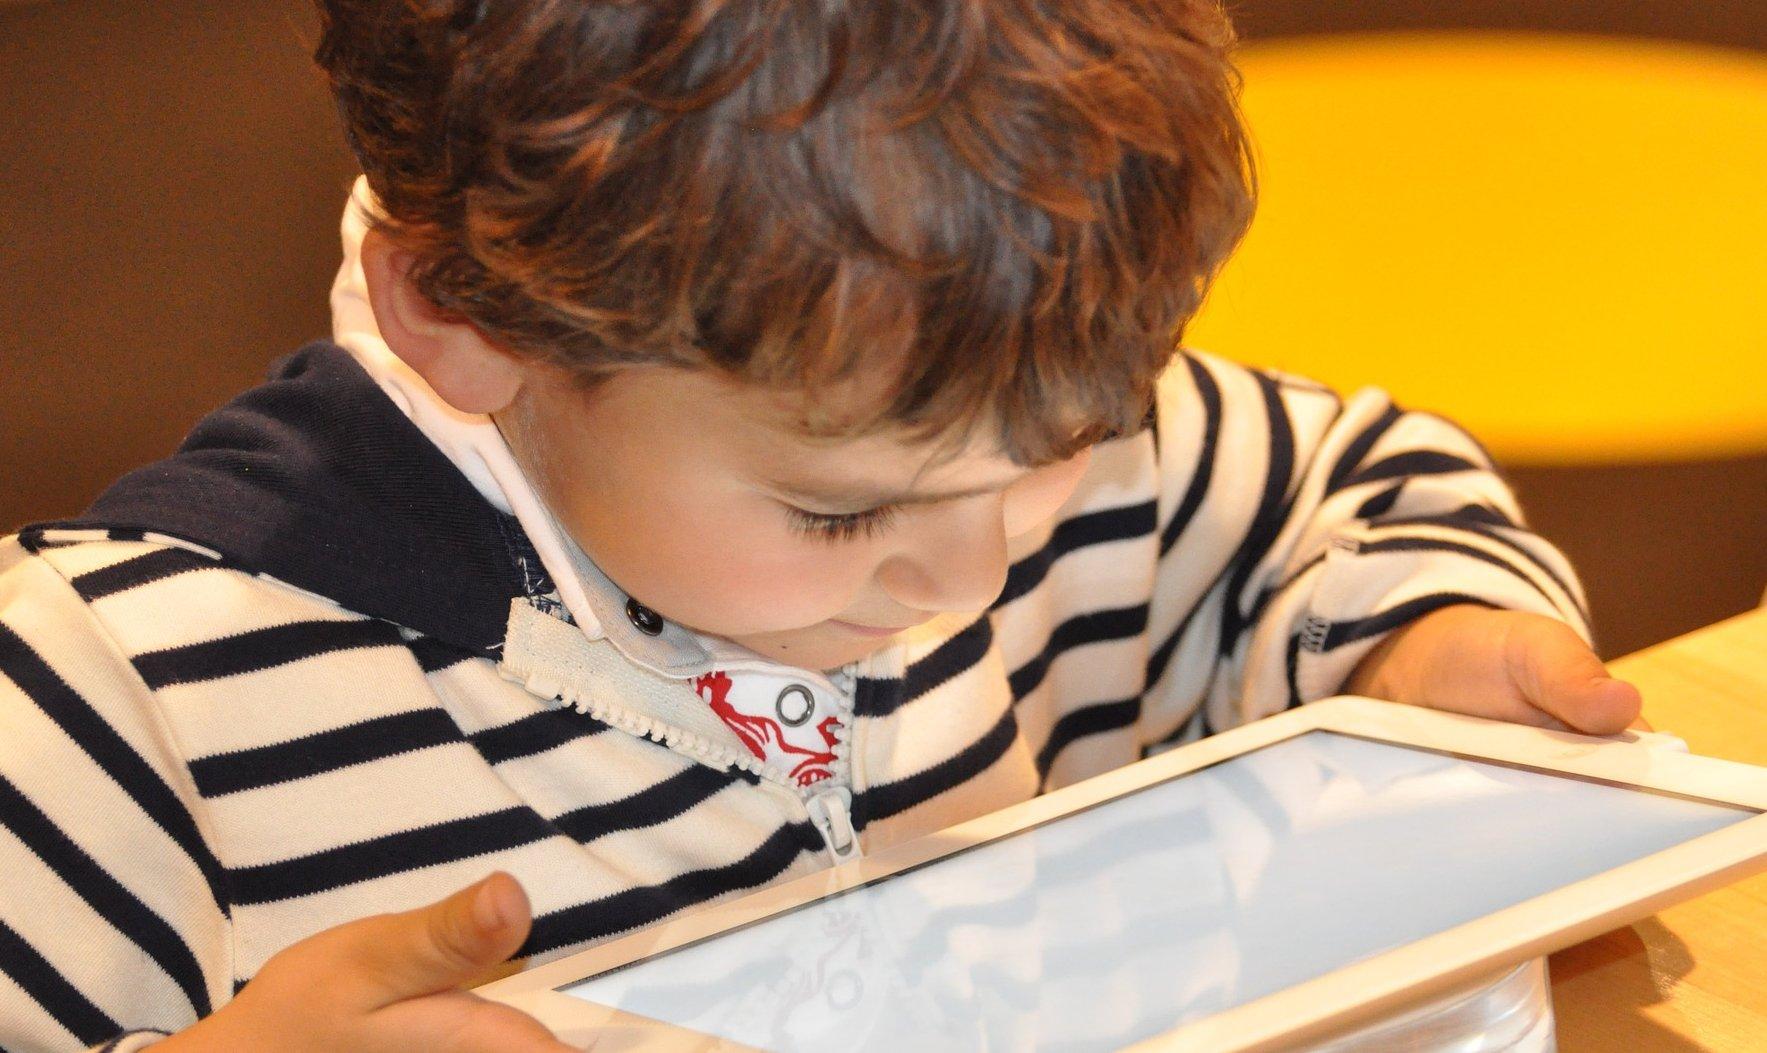 Ab welchem Alter ist der Computereinsatz in der Schule sinnvoll? Foto: NadineDoerle / pixabay (CC0 Public Domain)